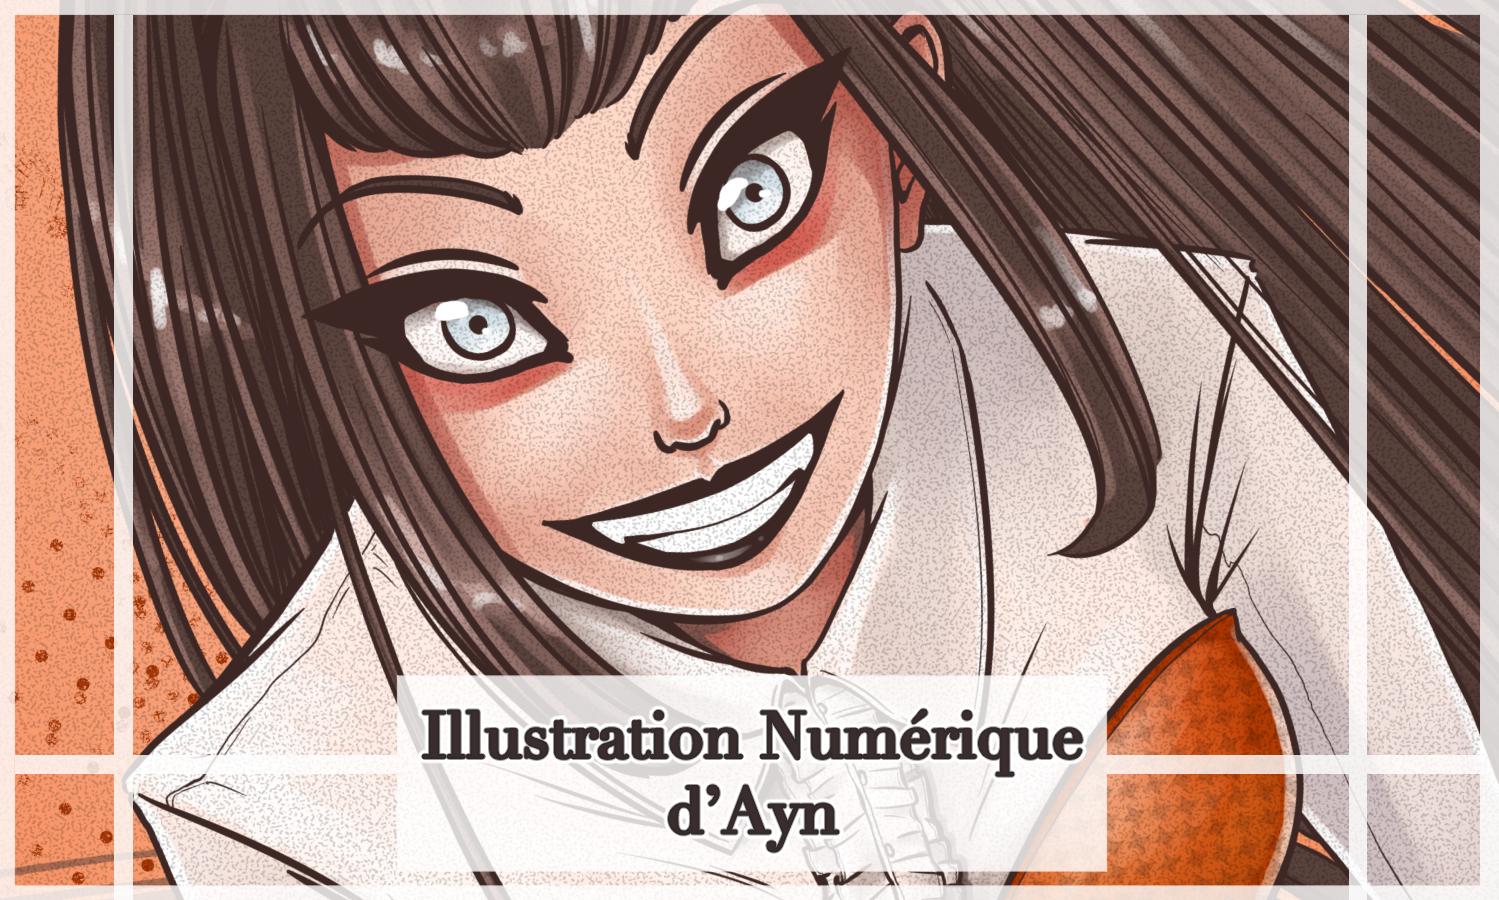 Illustration numérique d'ayn